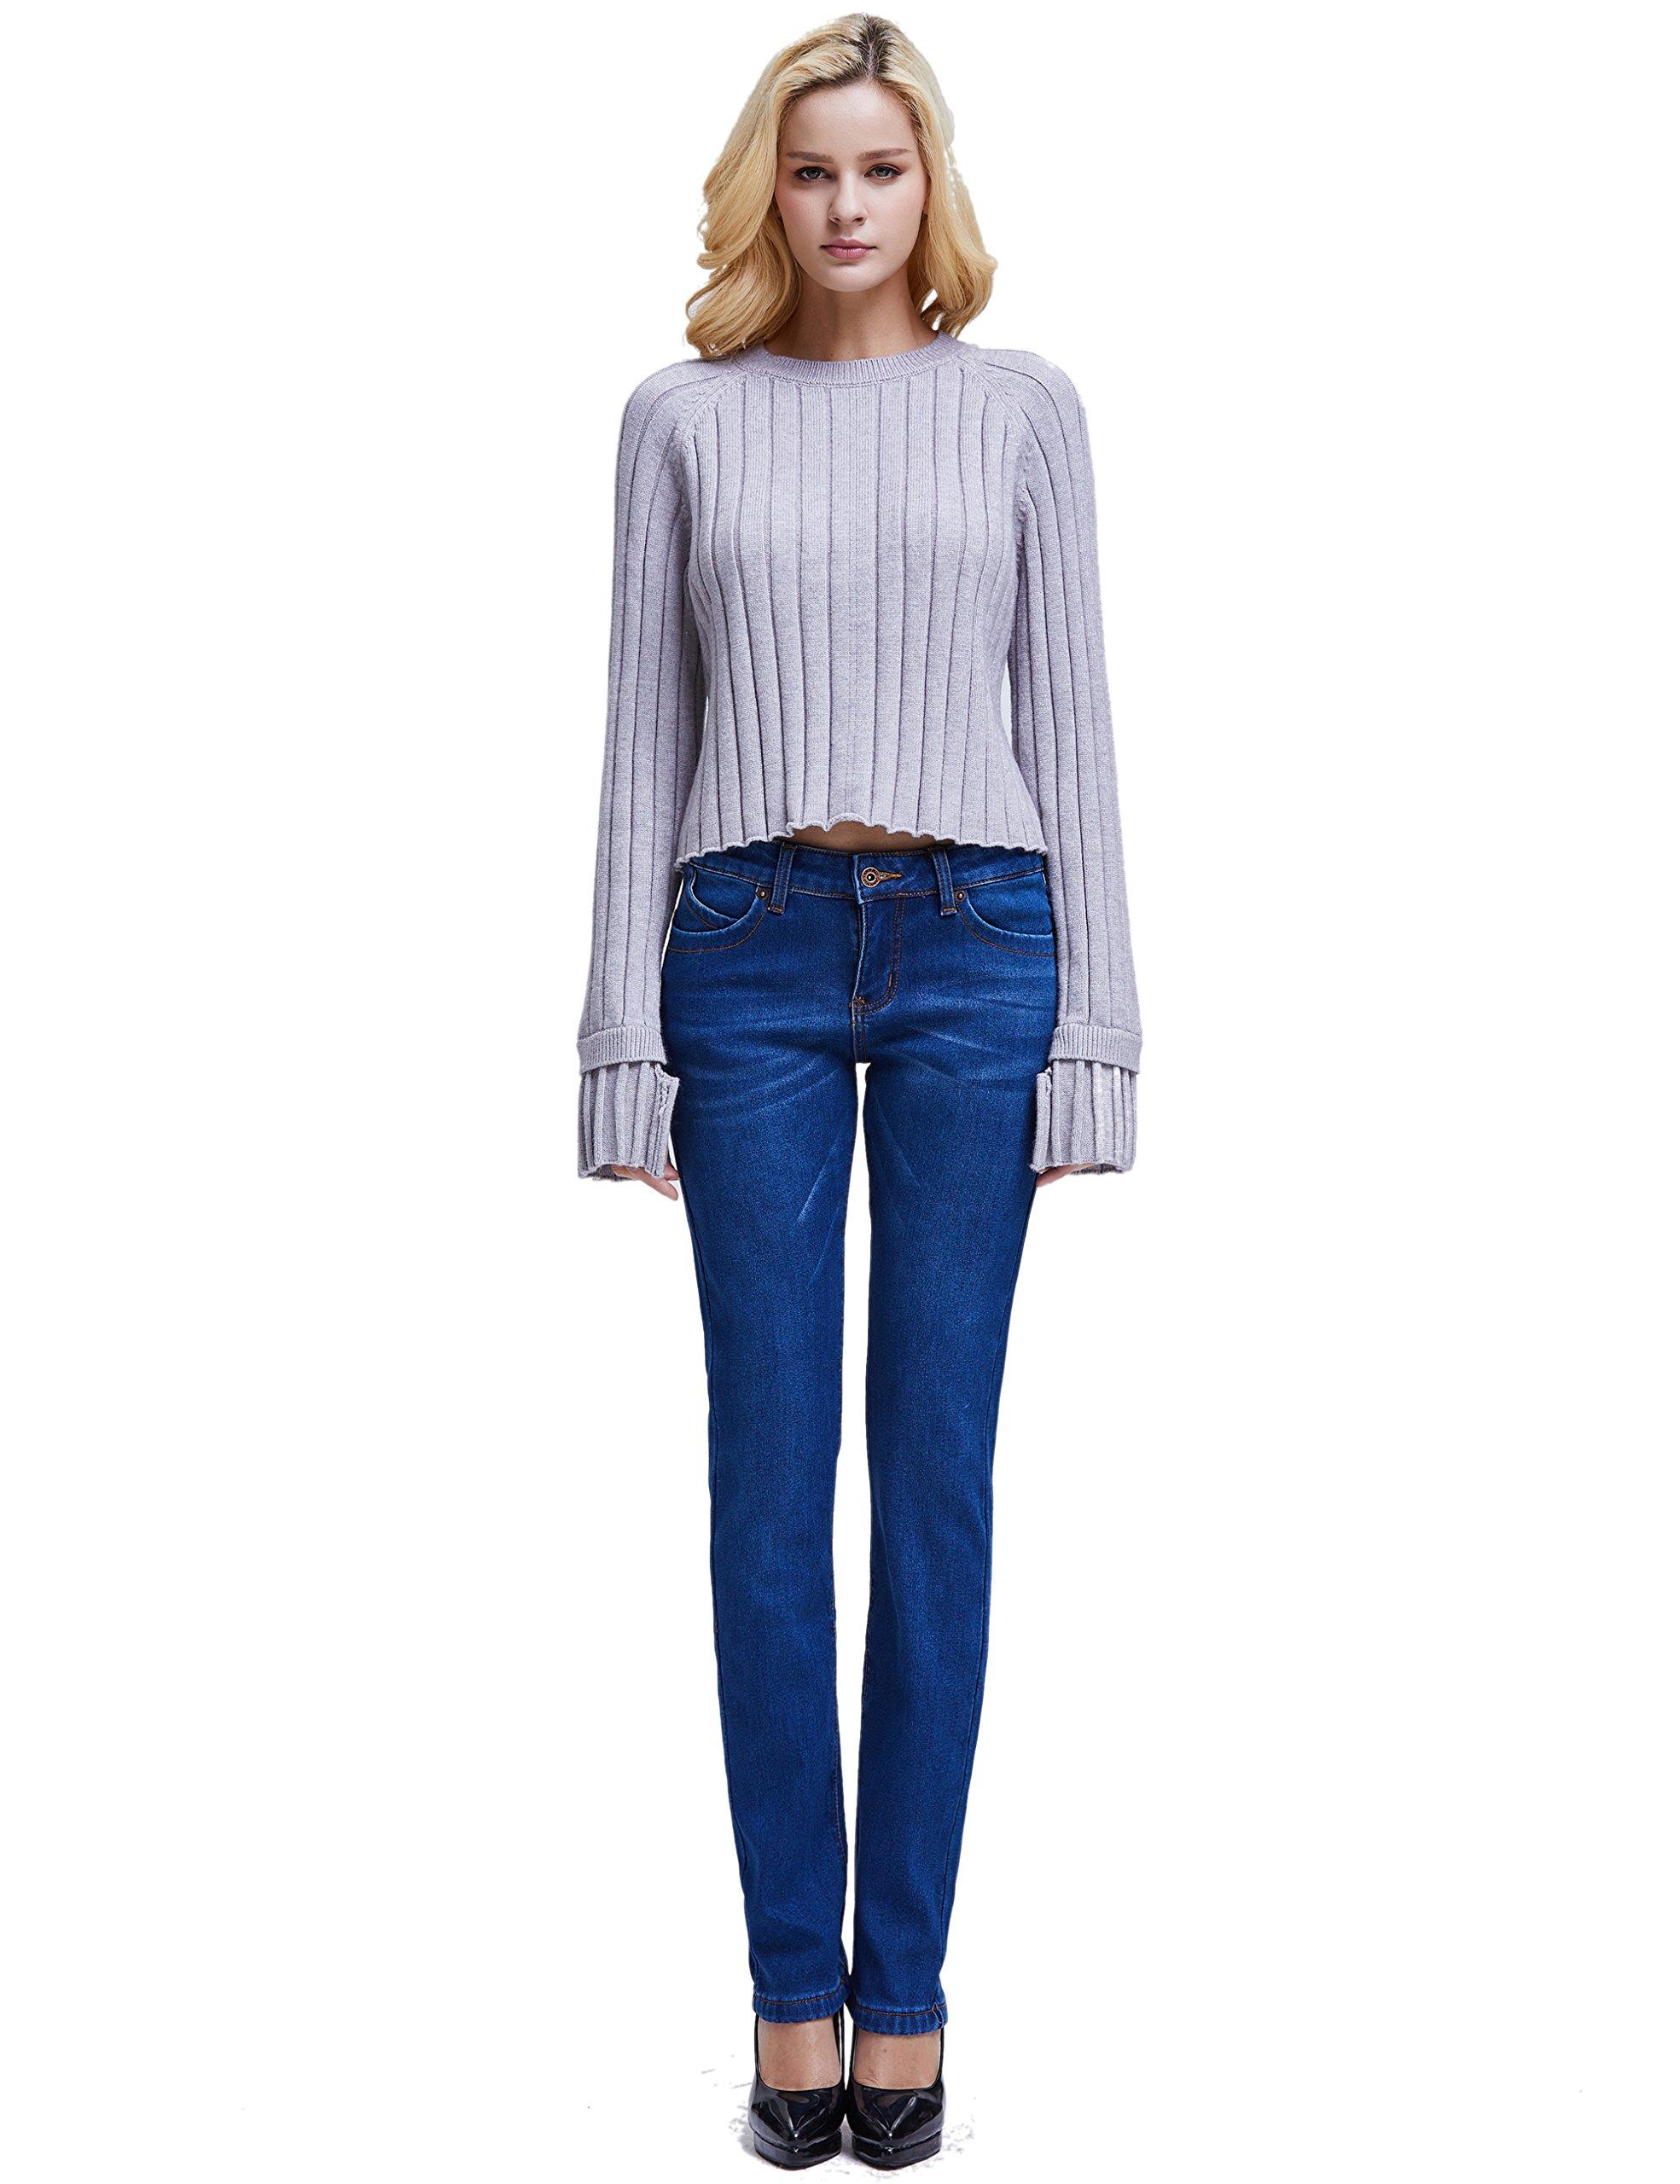 Camii Mia Women's Slim Fit Fleece Lined Jeans (W27 x L30, Blue (New Size)) by Camii Mia (Image #5)